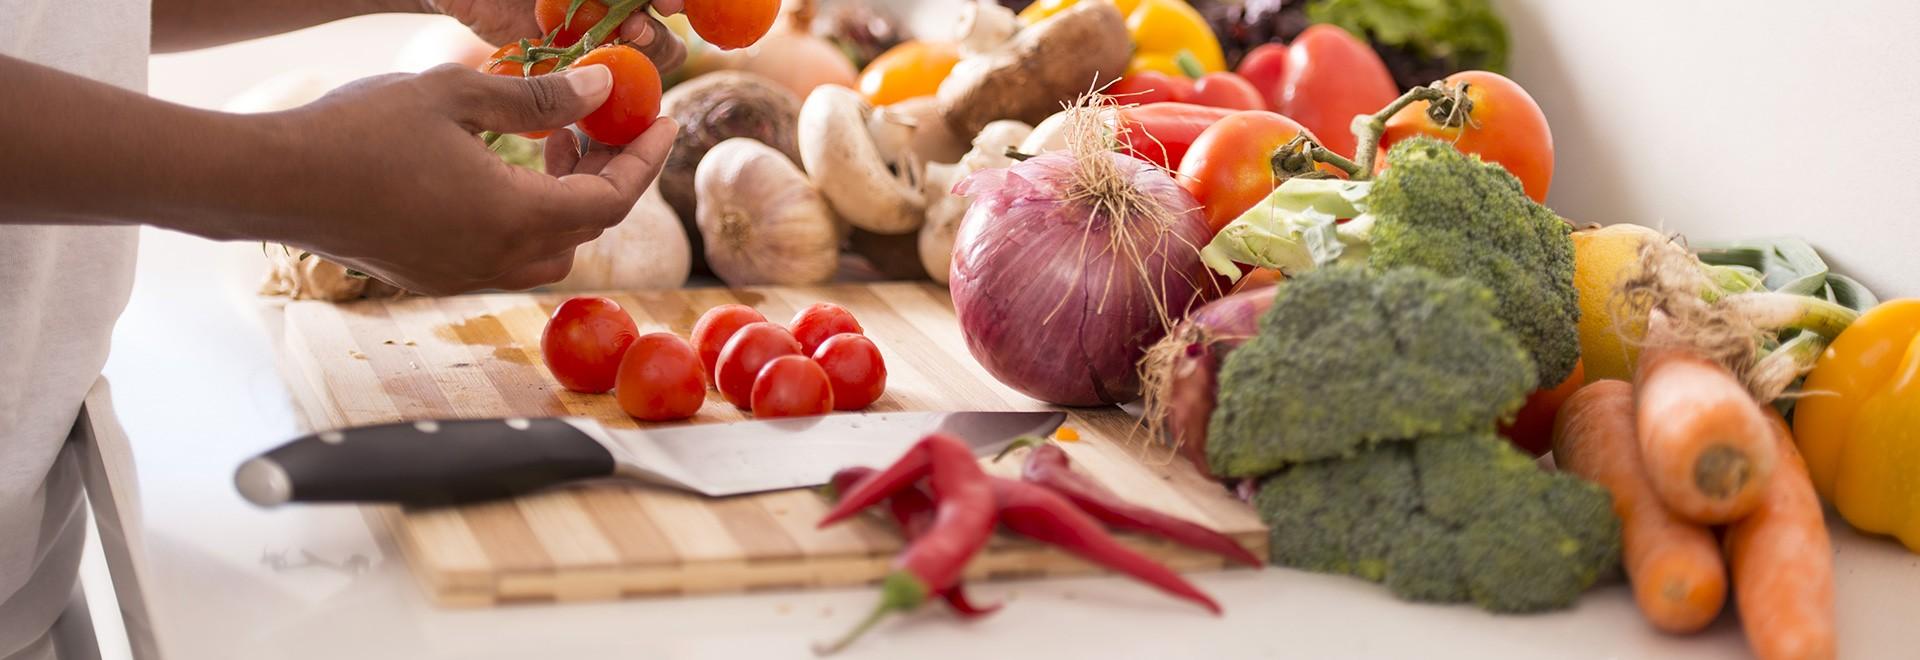 Stocker les récoltes du jardin pour les conserver plus longtemps